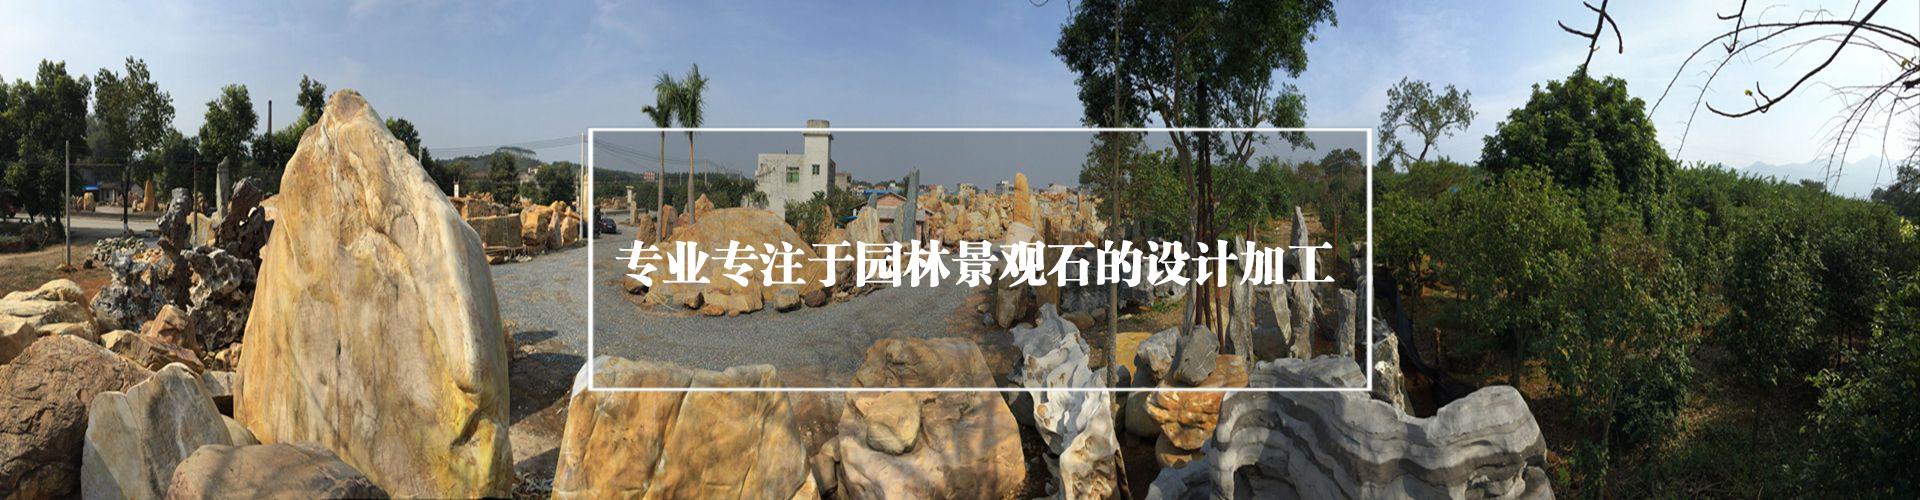 长沙景观石